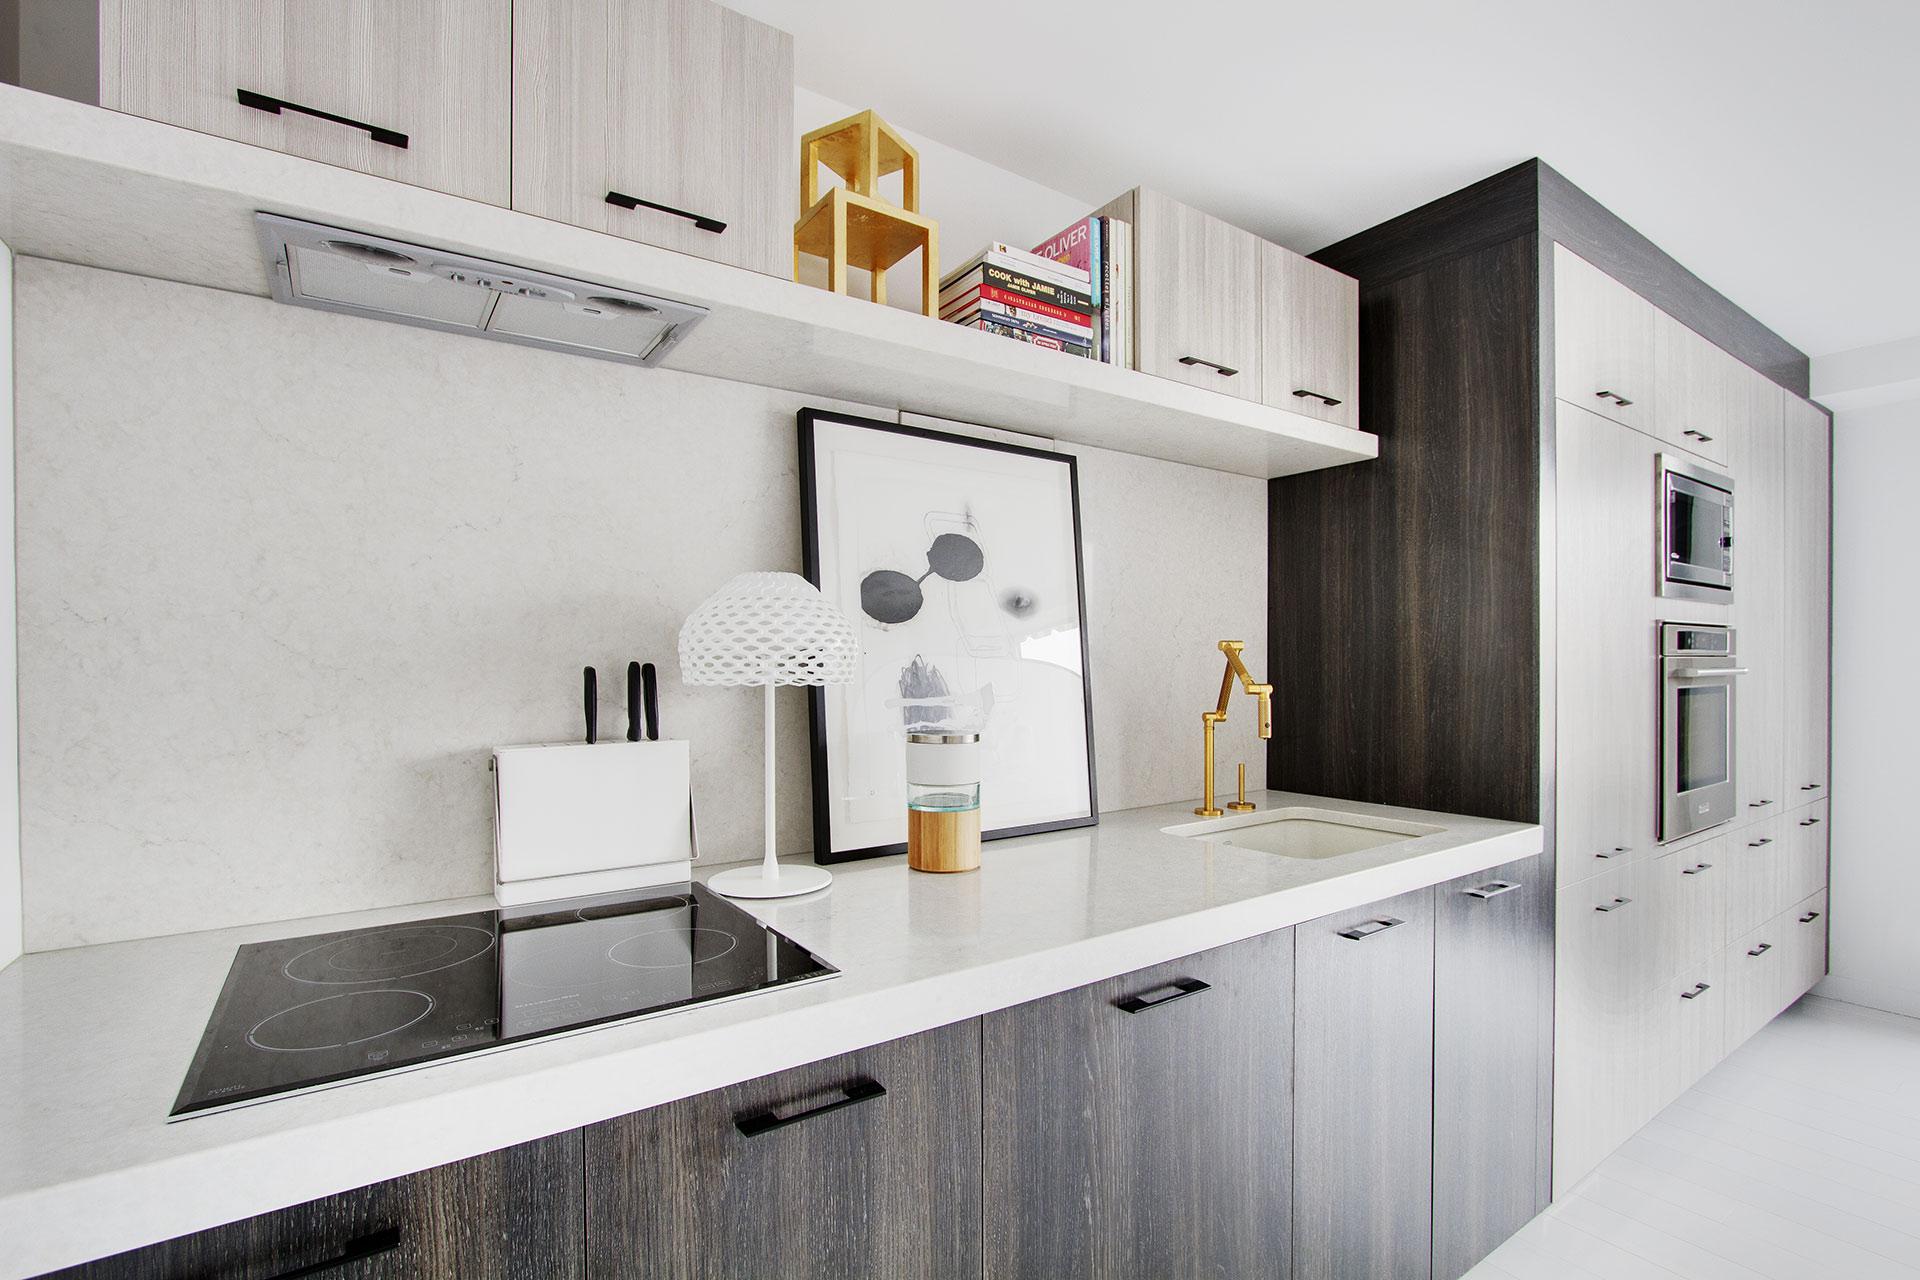 Дизайн кухни 20 кв м с мебелью